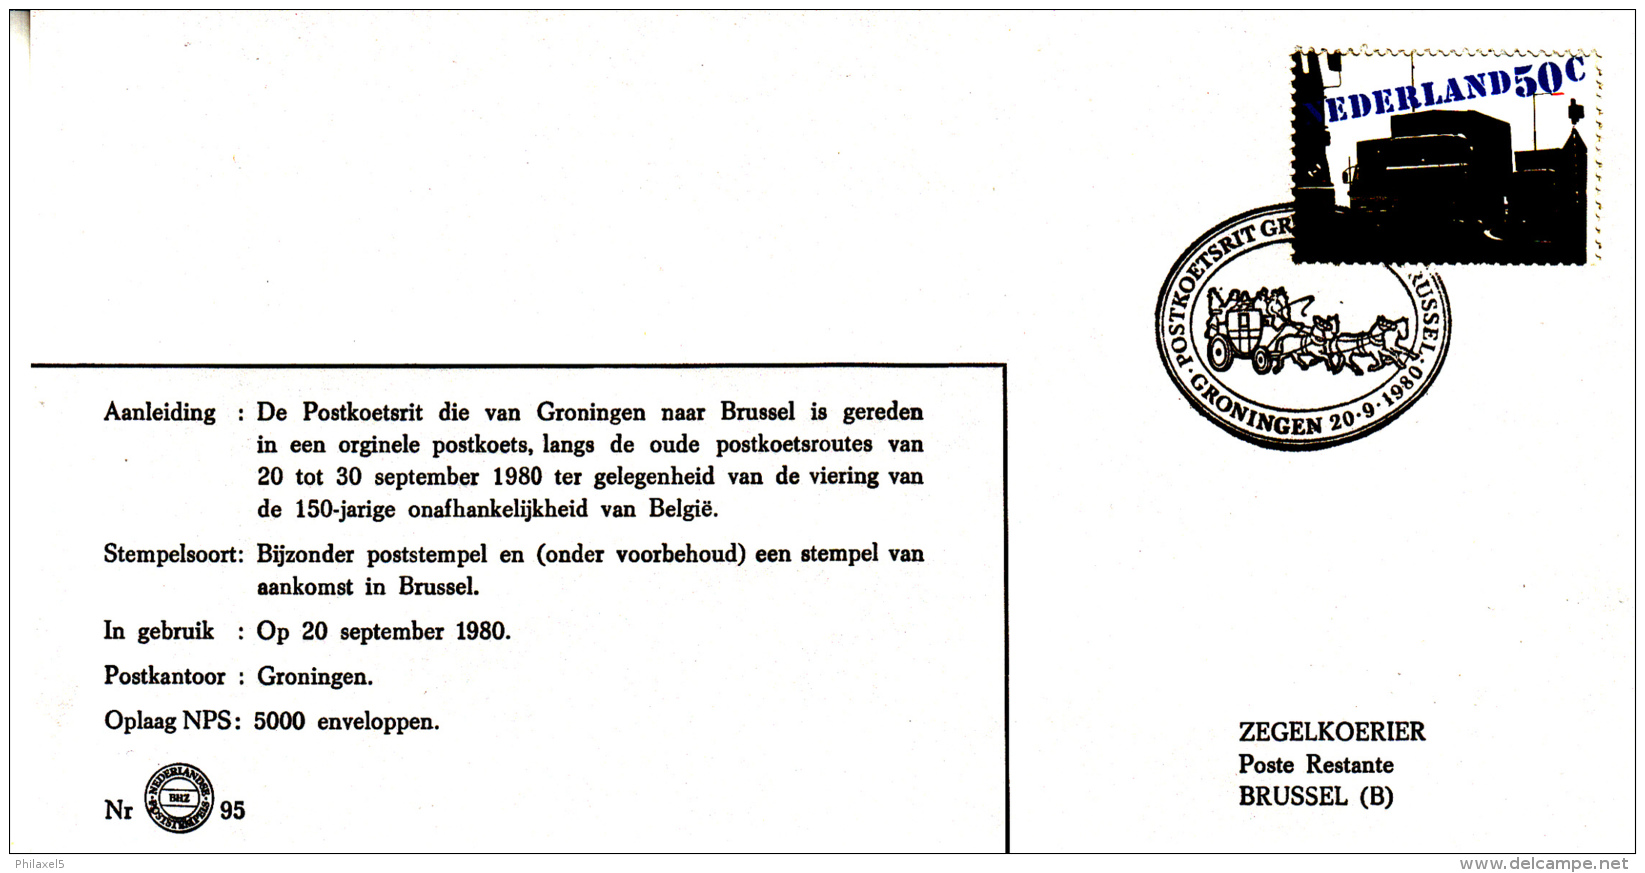 Nederland - 20 September 1980 - Postkoetsrit Van Groningen Naar Brussel - Z 95 - Marcofilie - EMA (Print Machine)